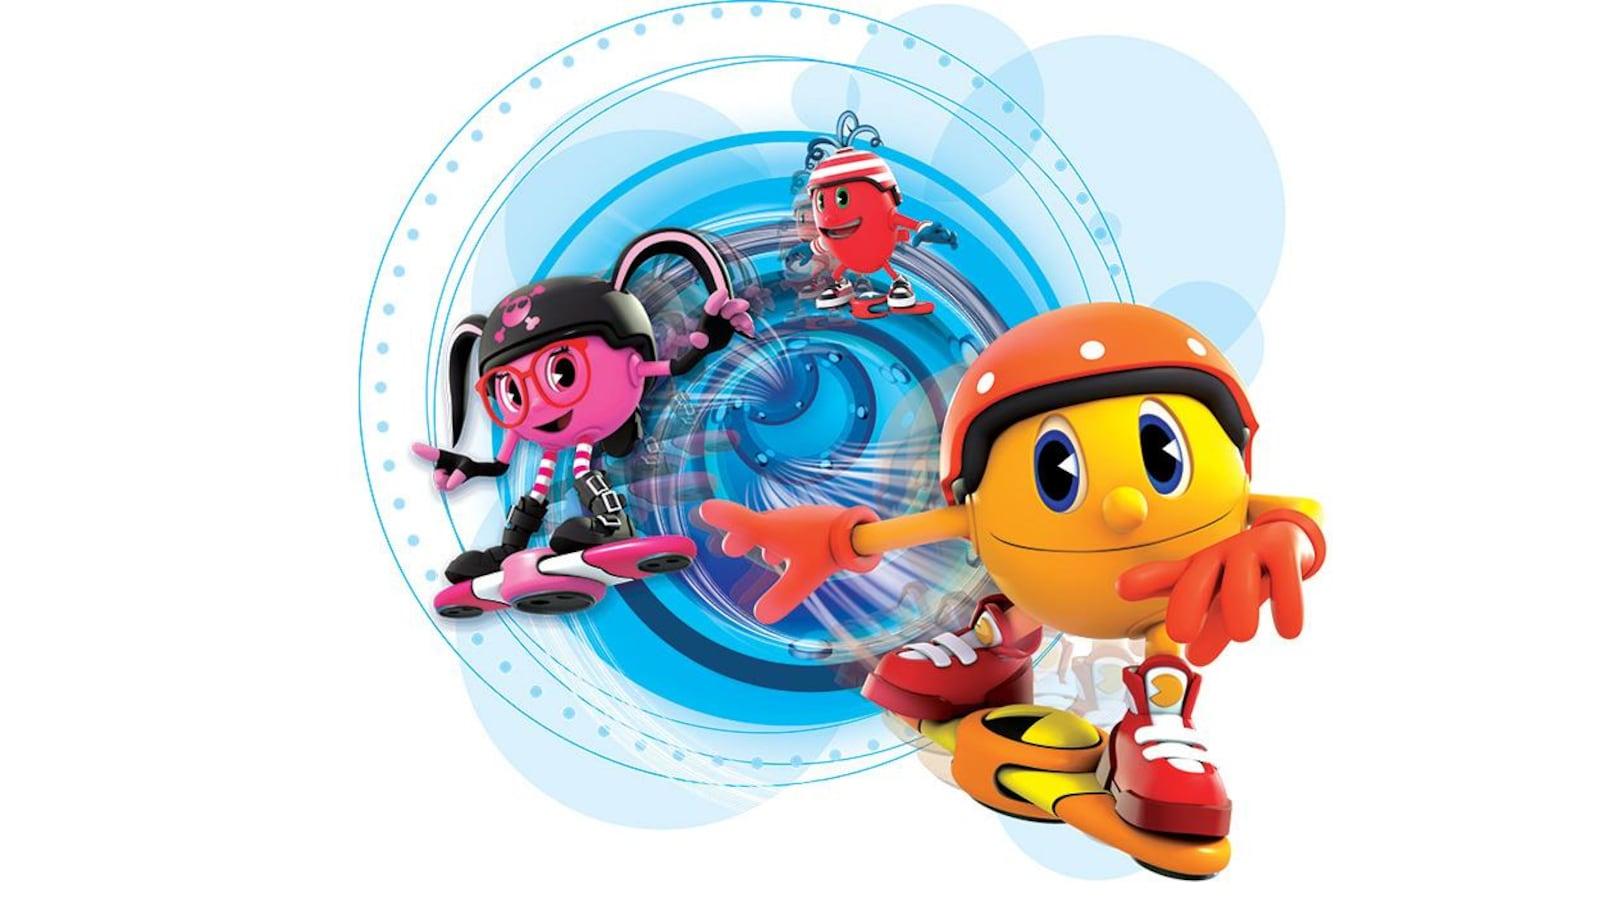 Pac-Man, Spirale et Cynlindria sur des skateboards volants.